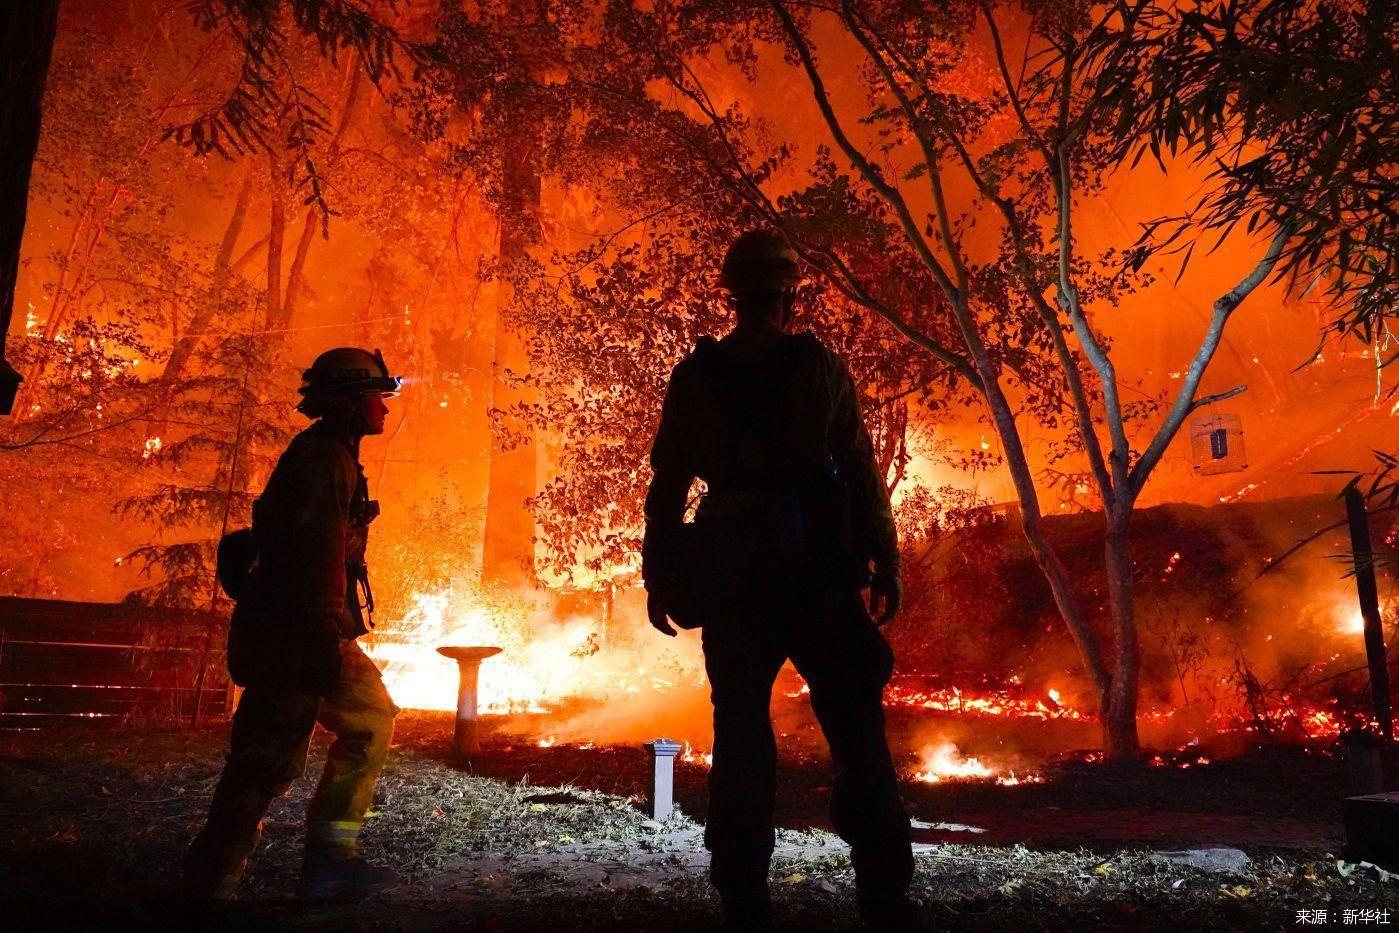 疫情反弹又遇山火肆虐 加州遭遇双重打击